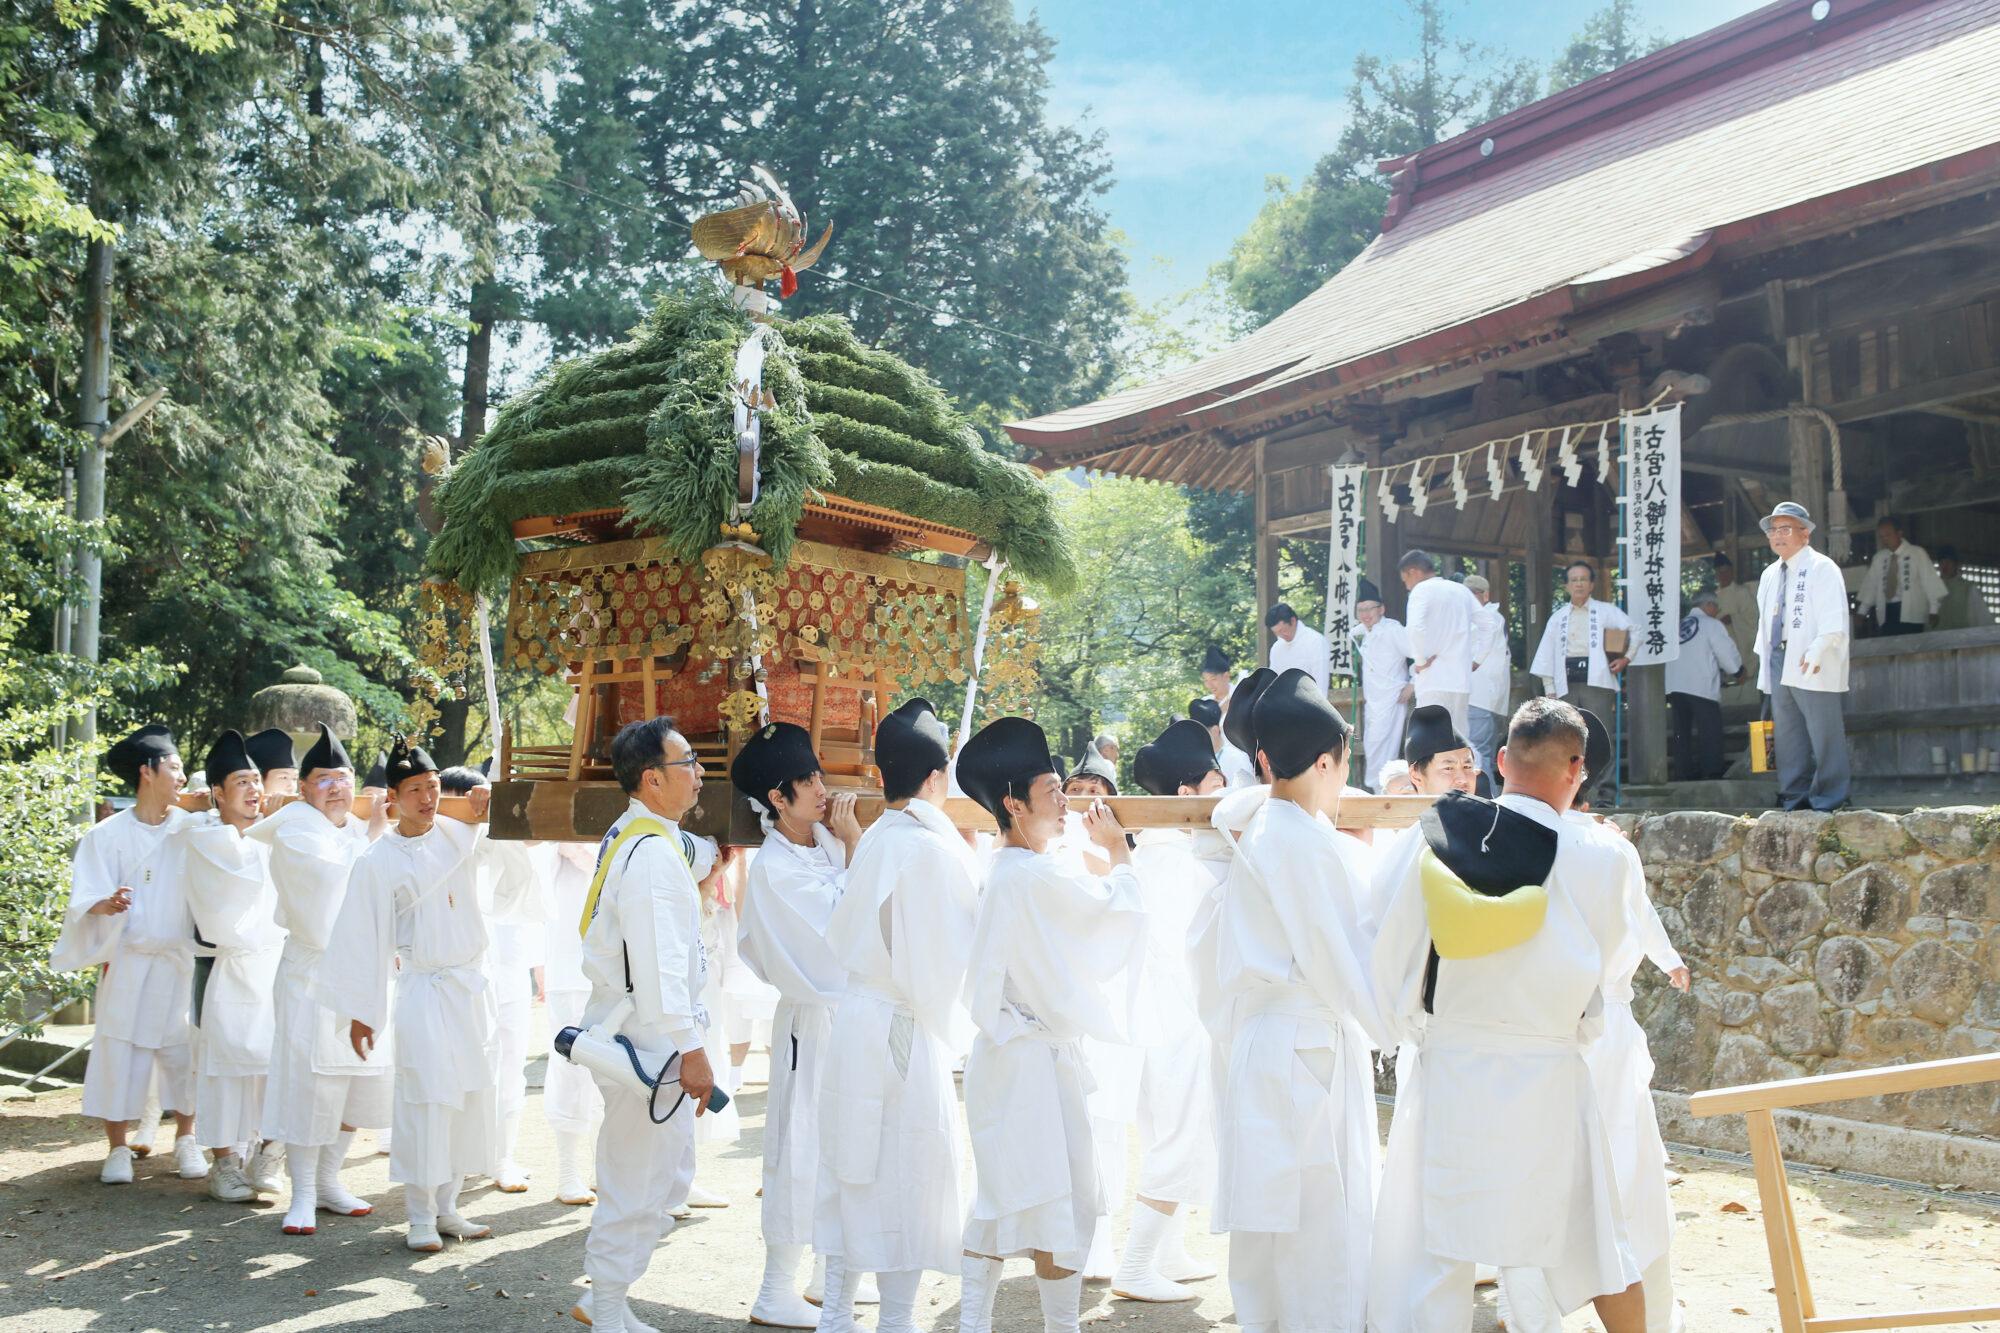 古宮⼋幡神社 神幸祭